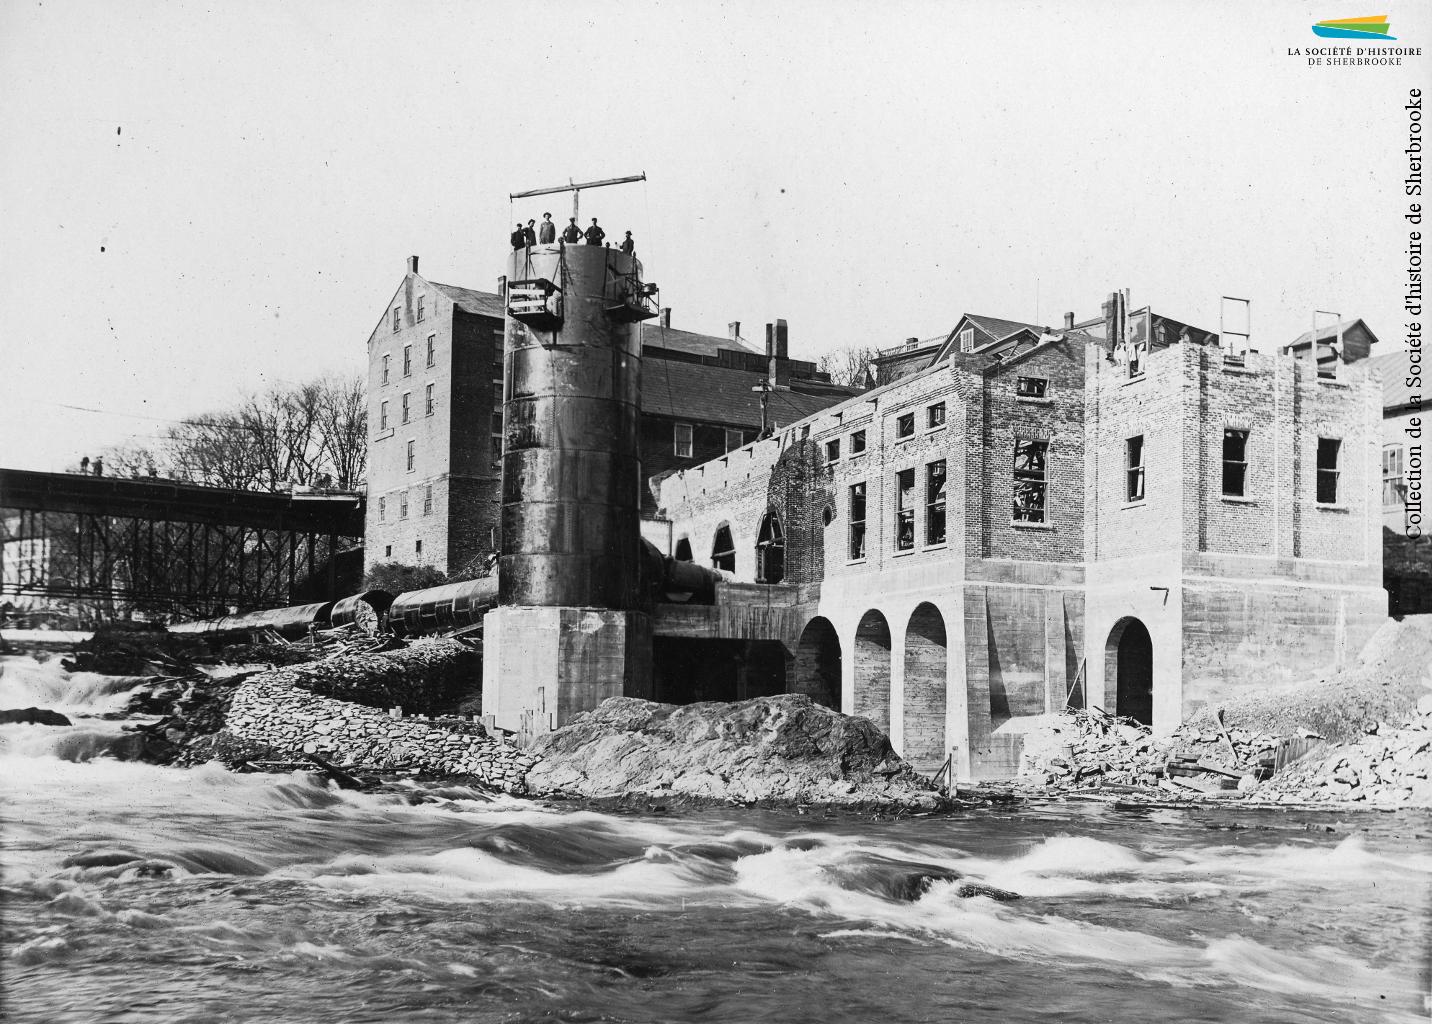 Construction de la centrale hydroélectrique de la compagnie de tramway Sherbrooke Railway & Power en 1911. La centrale est alimentée en eau par le barrage no 4, reconstruit lui aussi, et dont l'eau est acheminée par une longue conduite d'amenée. Cette centrale est aujourd'hui la centrale Abénaquis.